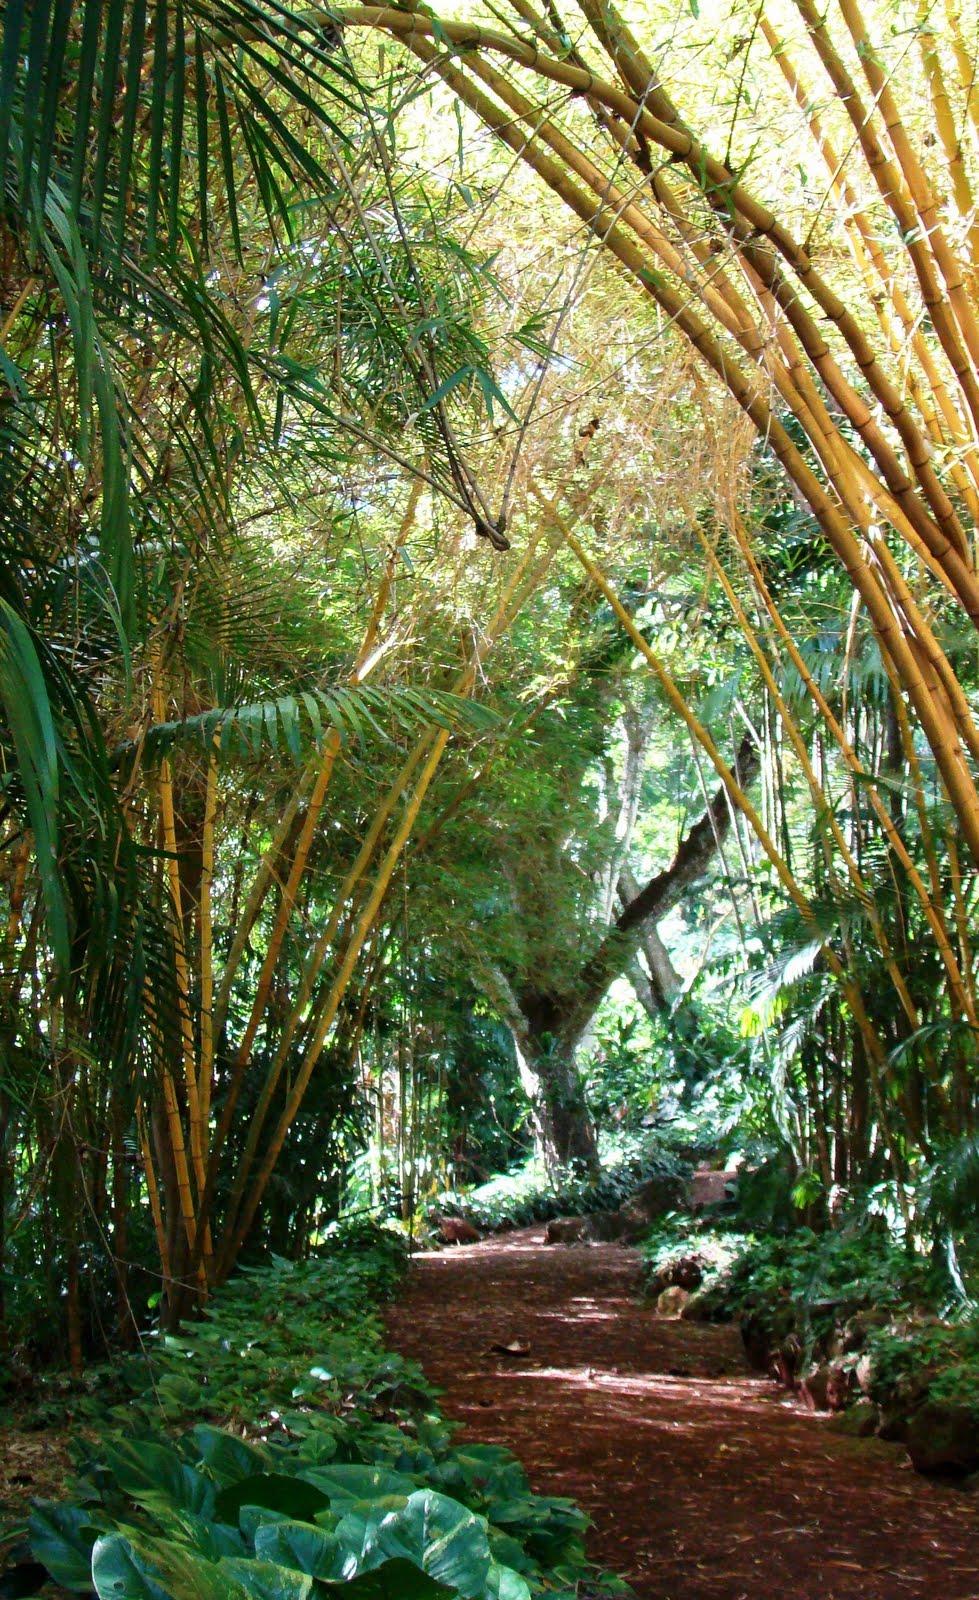 Serenity in the Garden: National Tropical Botanical Garden - Kauai